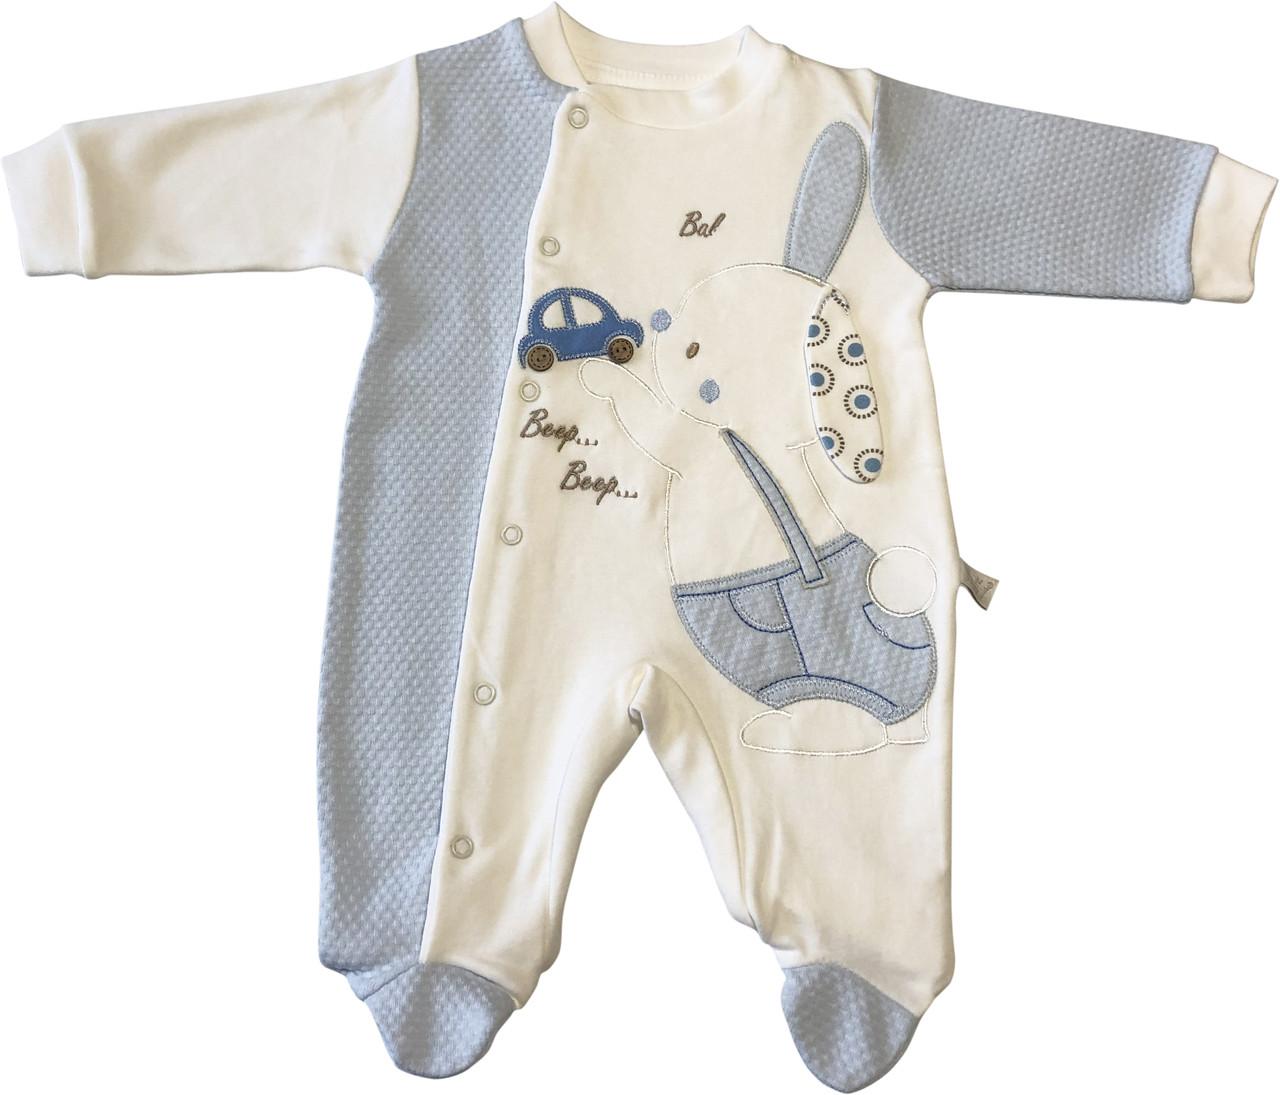 Дитячий нарядний чоловічок ріст 56 0-2 міс трикотаж молочний на хлопчика сліп для новонароджених